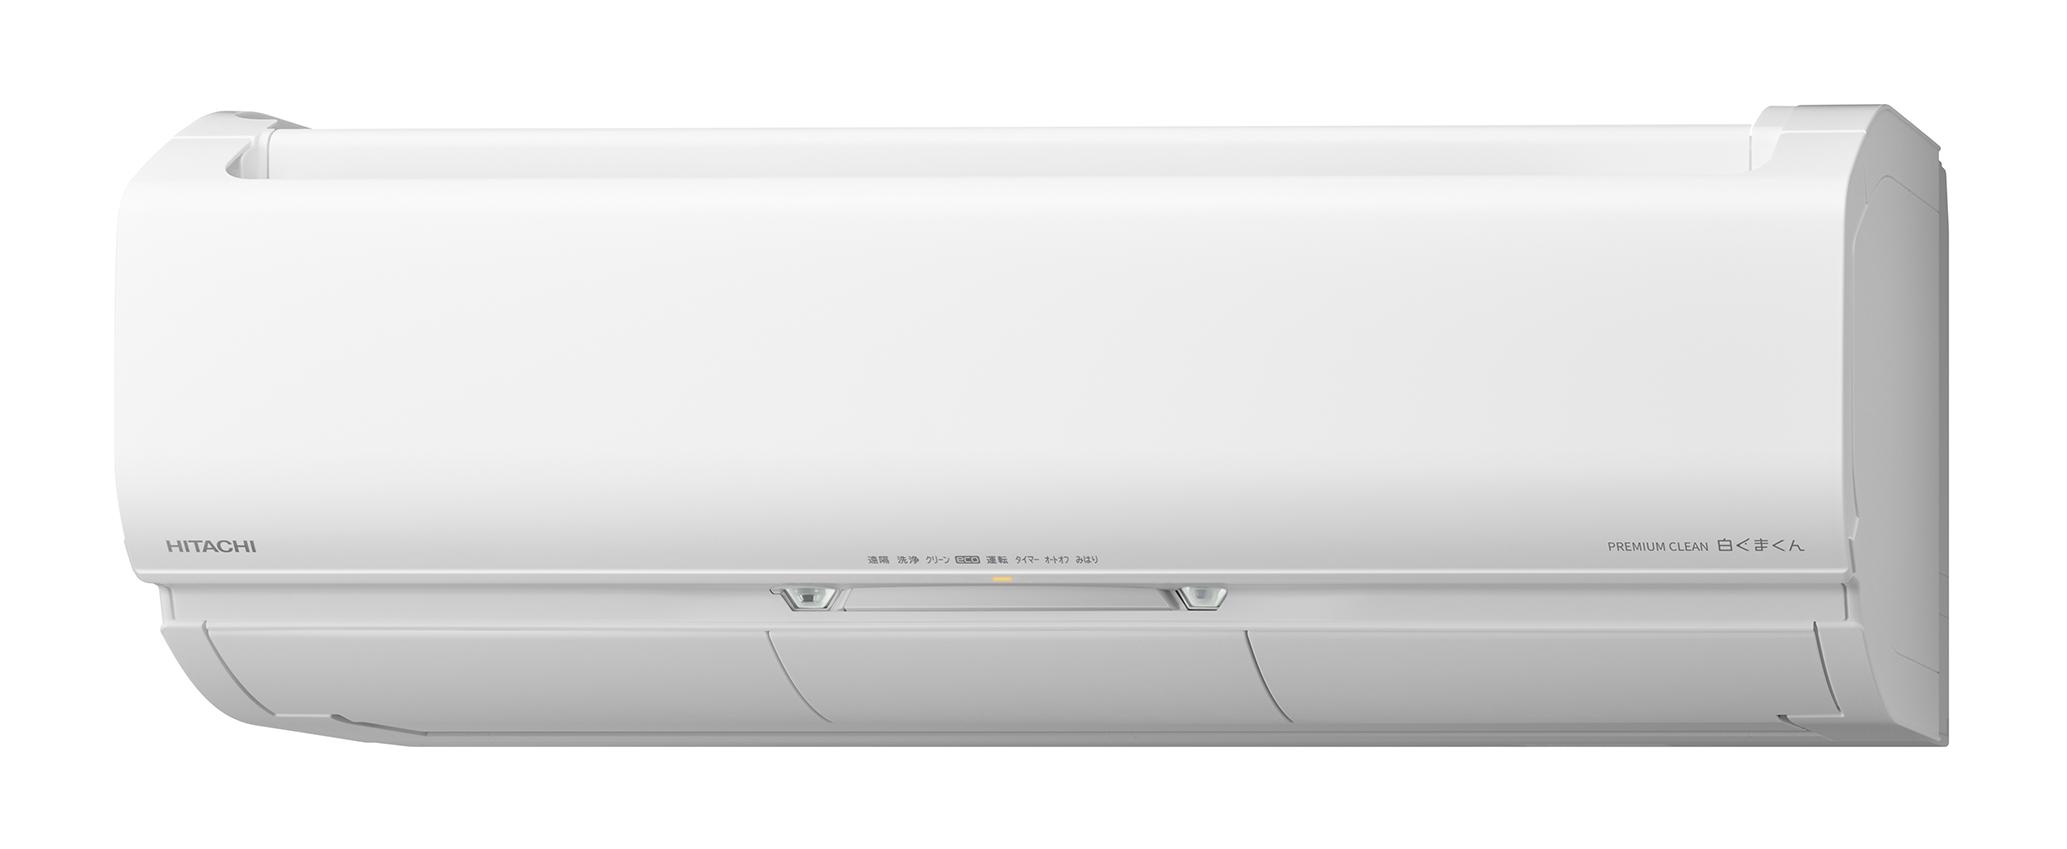 日立ルームエアコン「白くまくん」プレミアムXシリーズを発売